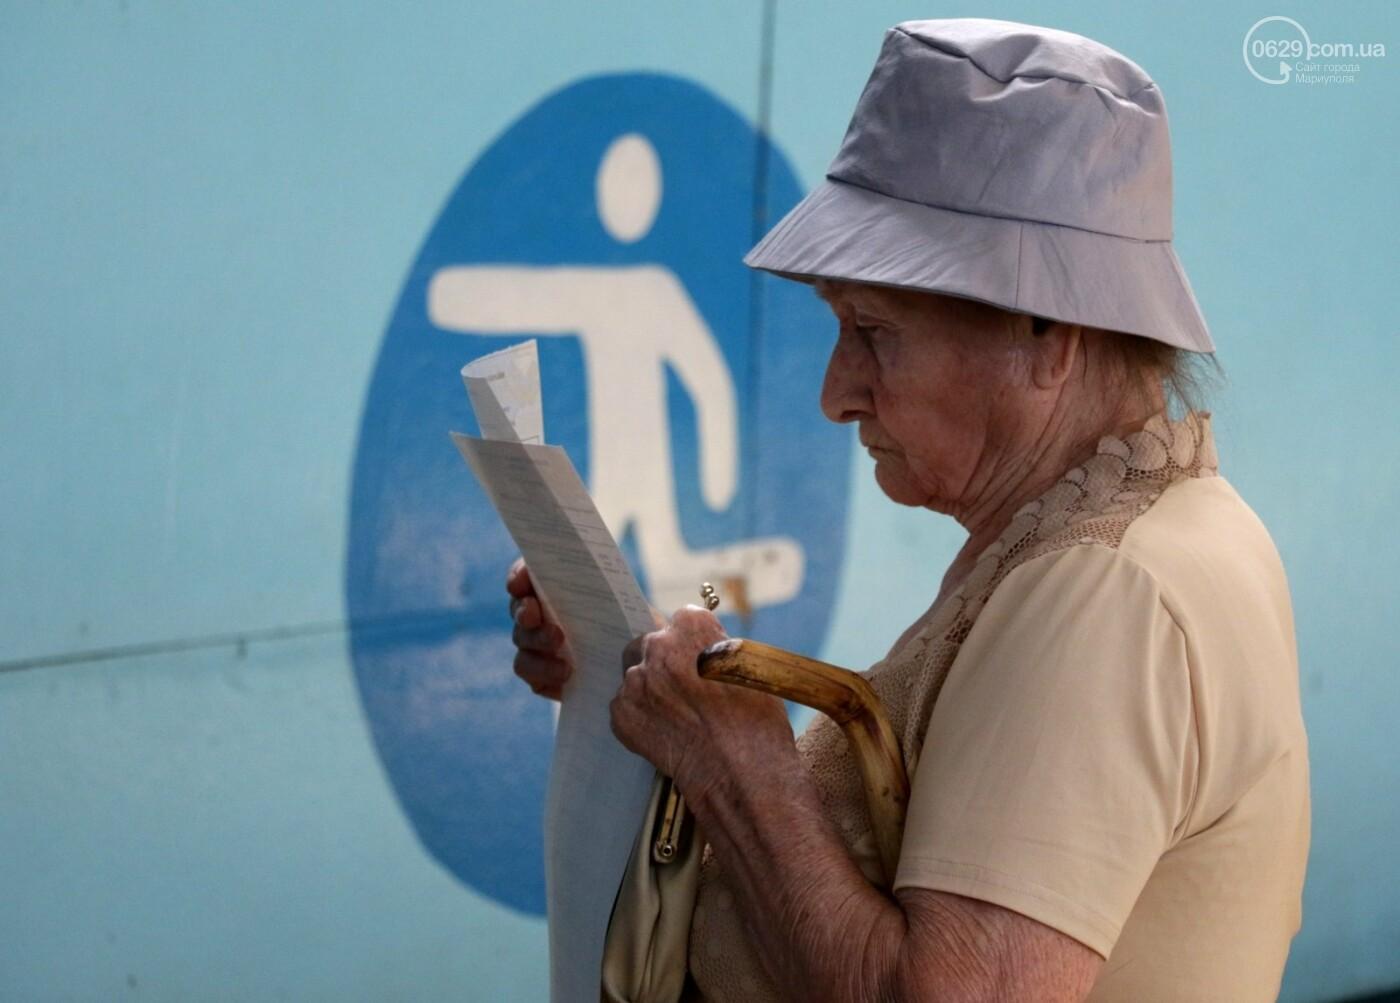 Как бабушки и дедушки будущее Украины выбирали, пока молодежь загорала на пляже, - ФОТОРЕПОРТАЖ, фото-1